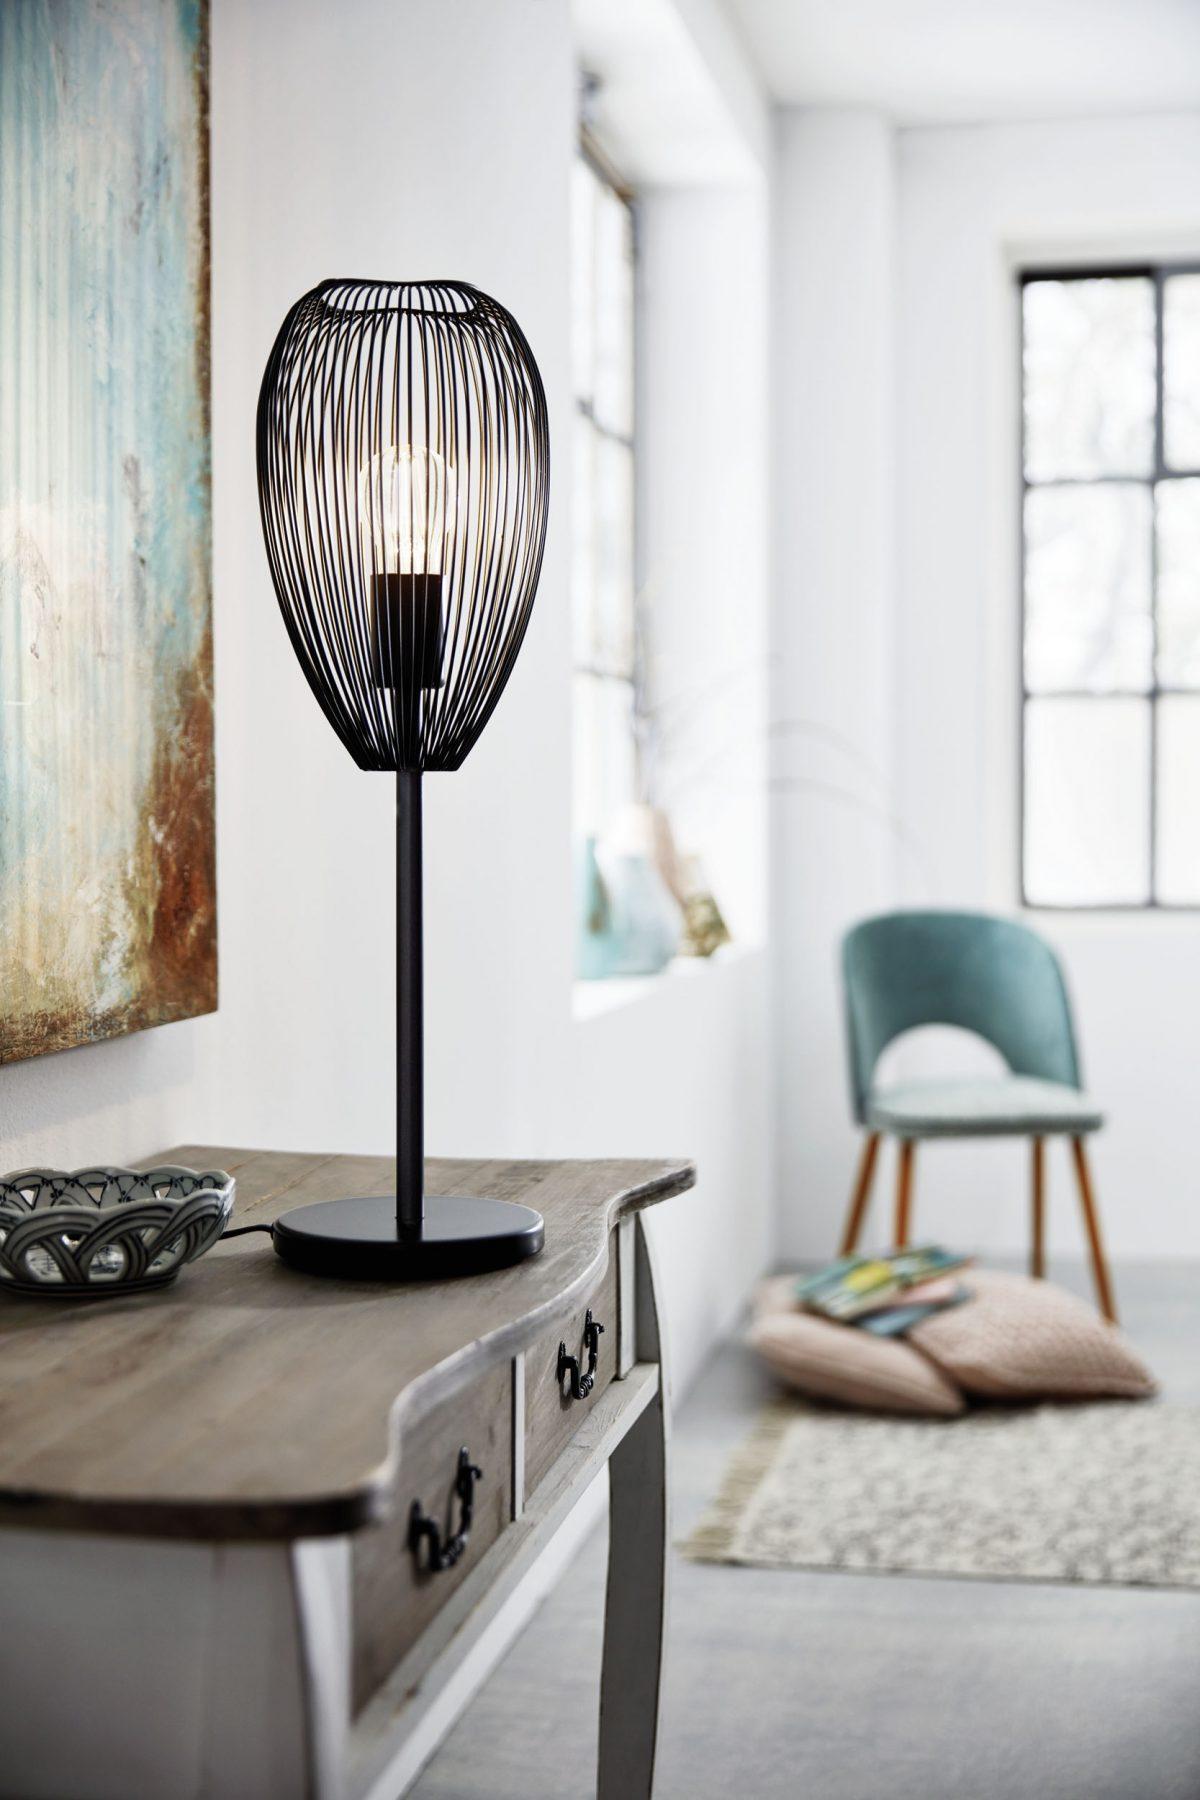 Настольная лампа CLEVEDON EGLO 49144 - Фото №30